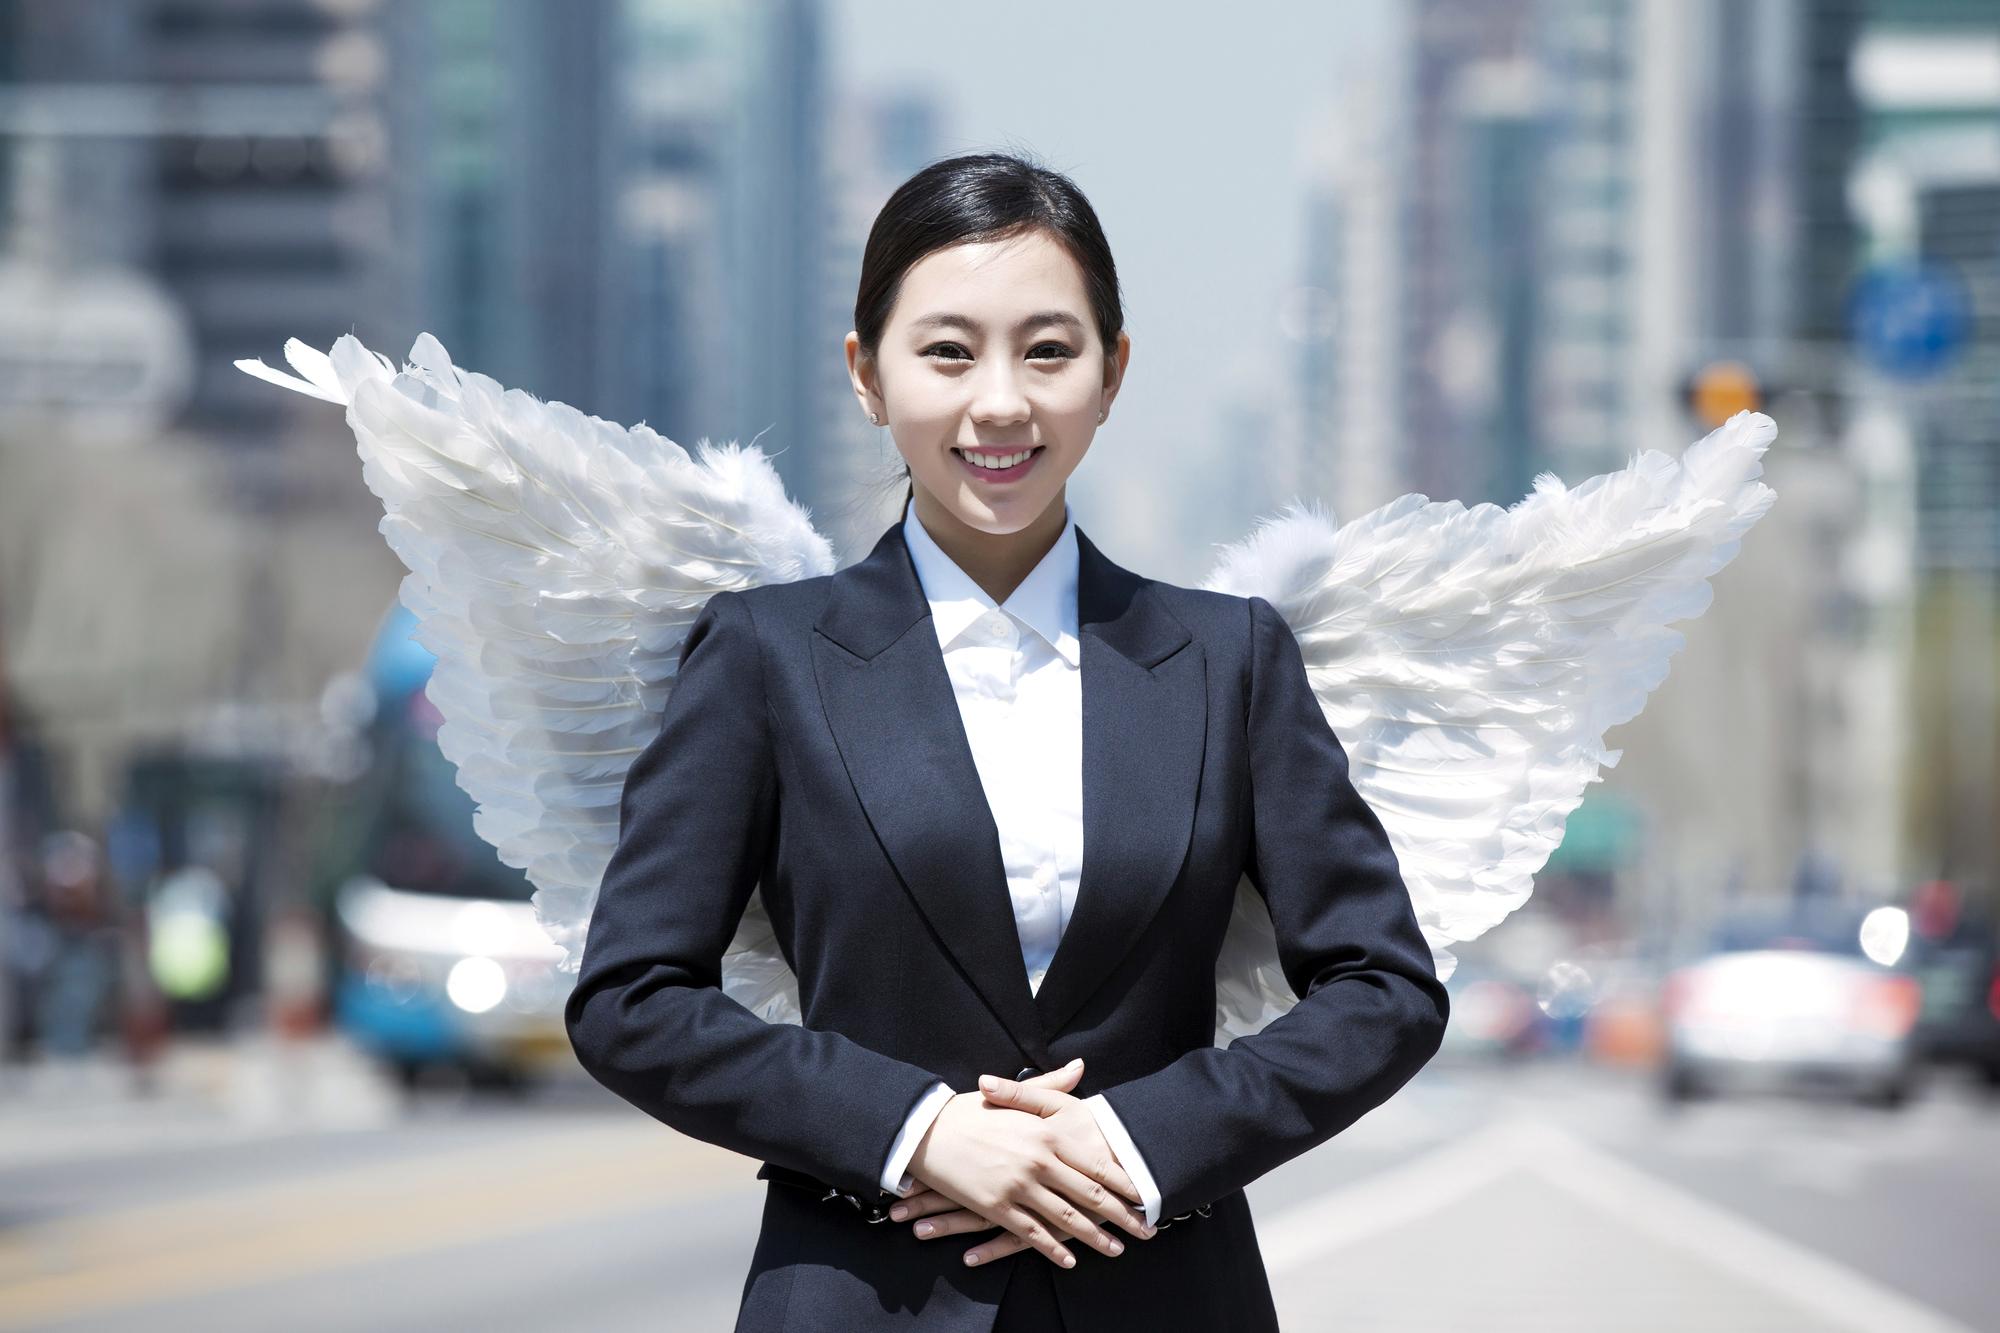 「あなたにも天使の羽がある」~大天使ガブリエルからのチャネリング~